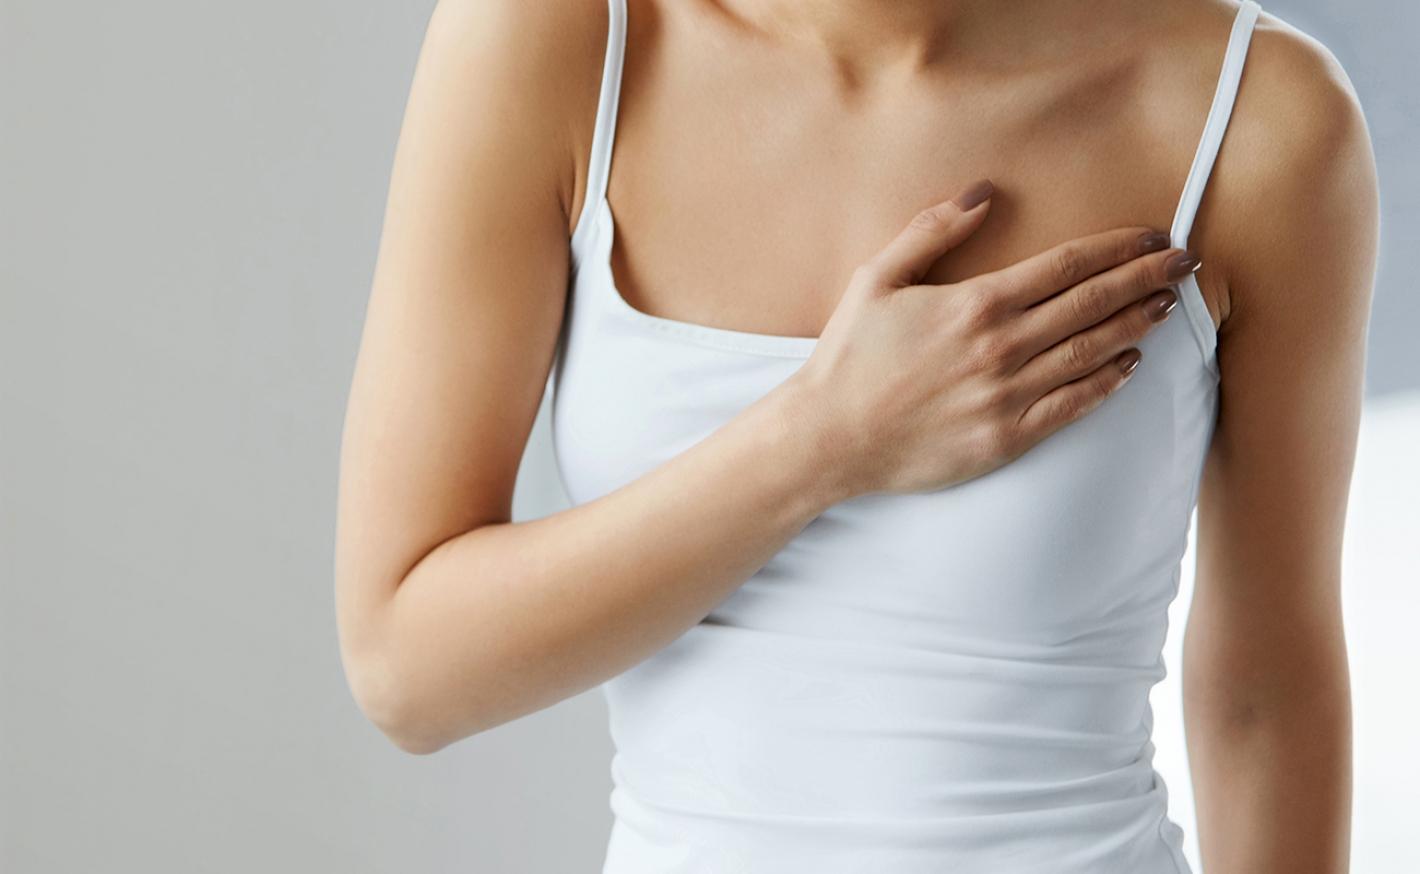 Tipy, jak přežít zánět prsu